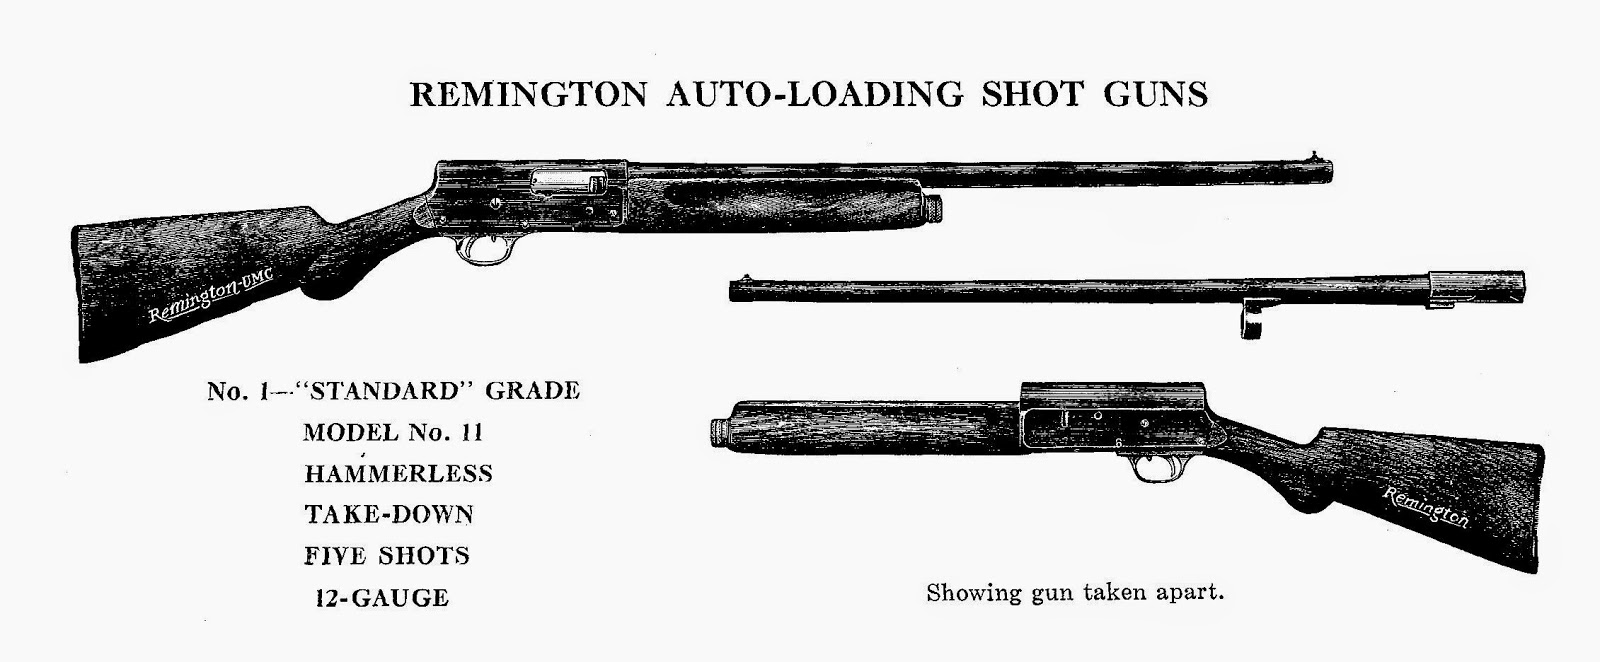 http://2.bp.blogspot.com/-DOCrWAjU1jA/U1AEacGQauI/AAAAAAAATmI/bPZNIq0GJk4/s1600/shot_guns_no11_remington.jpg